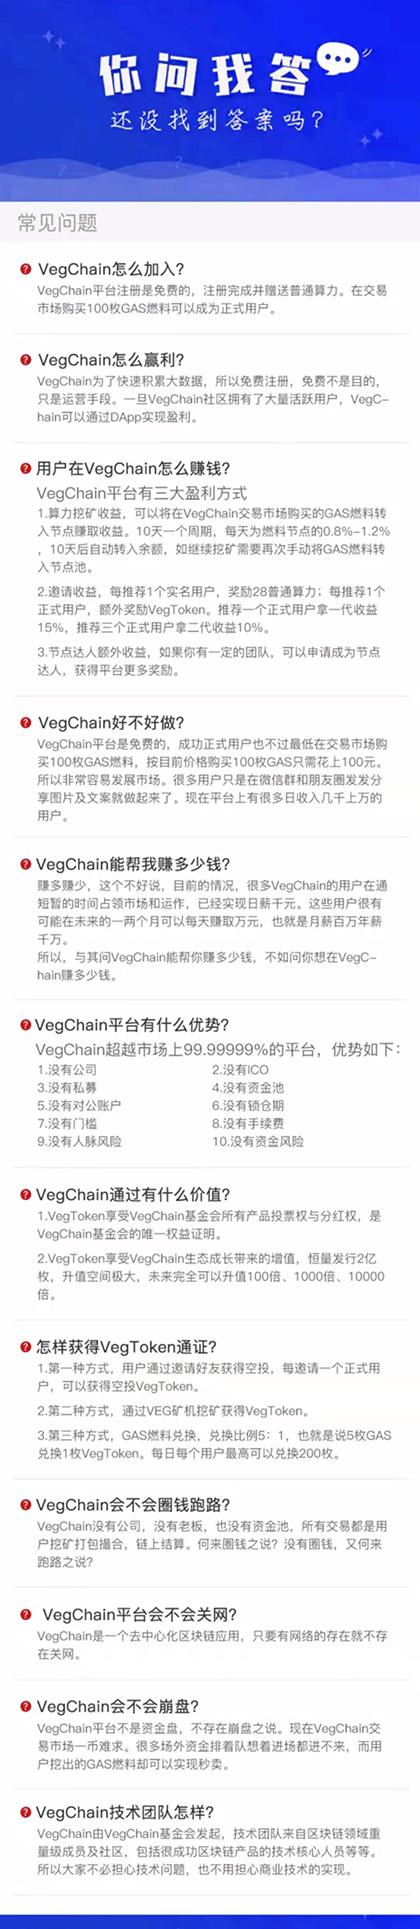 VegChain空投:注册送18VEGTOKEN(标值126CNY),以及288算力,团队化推广收益。